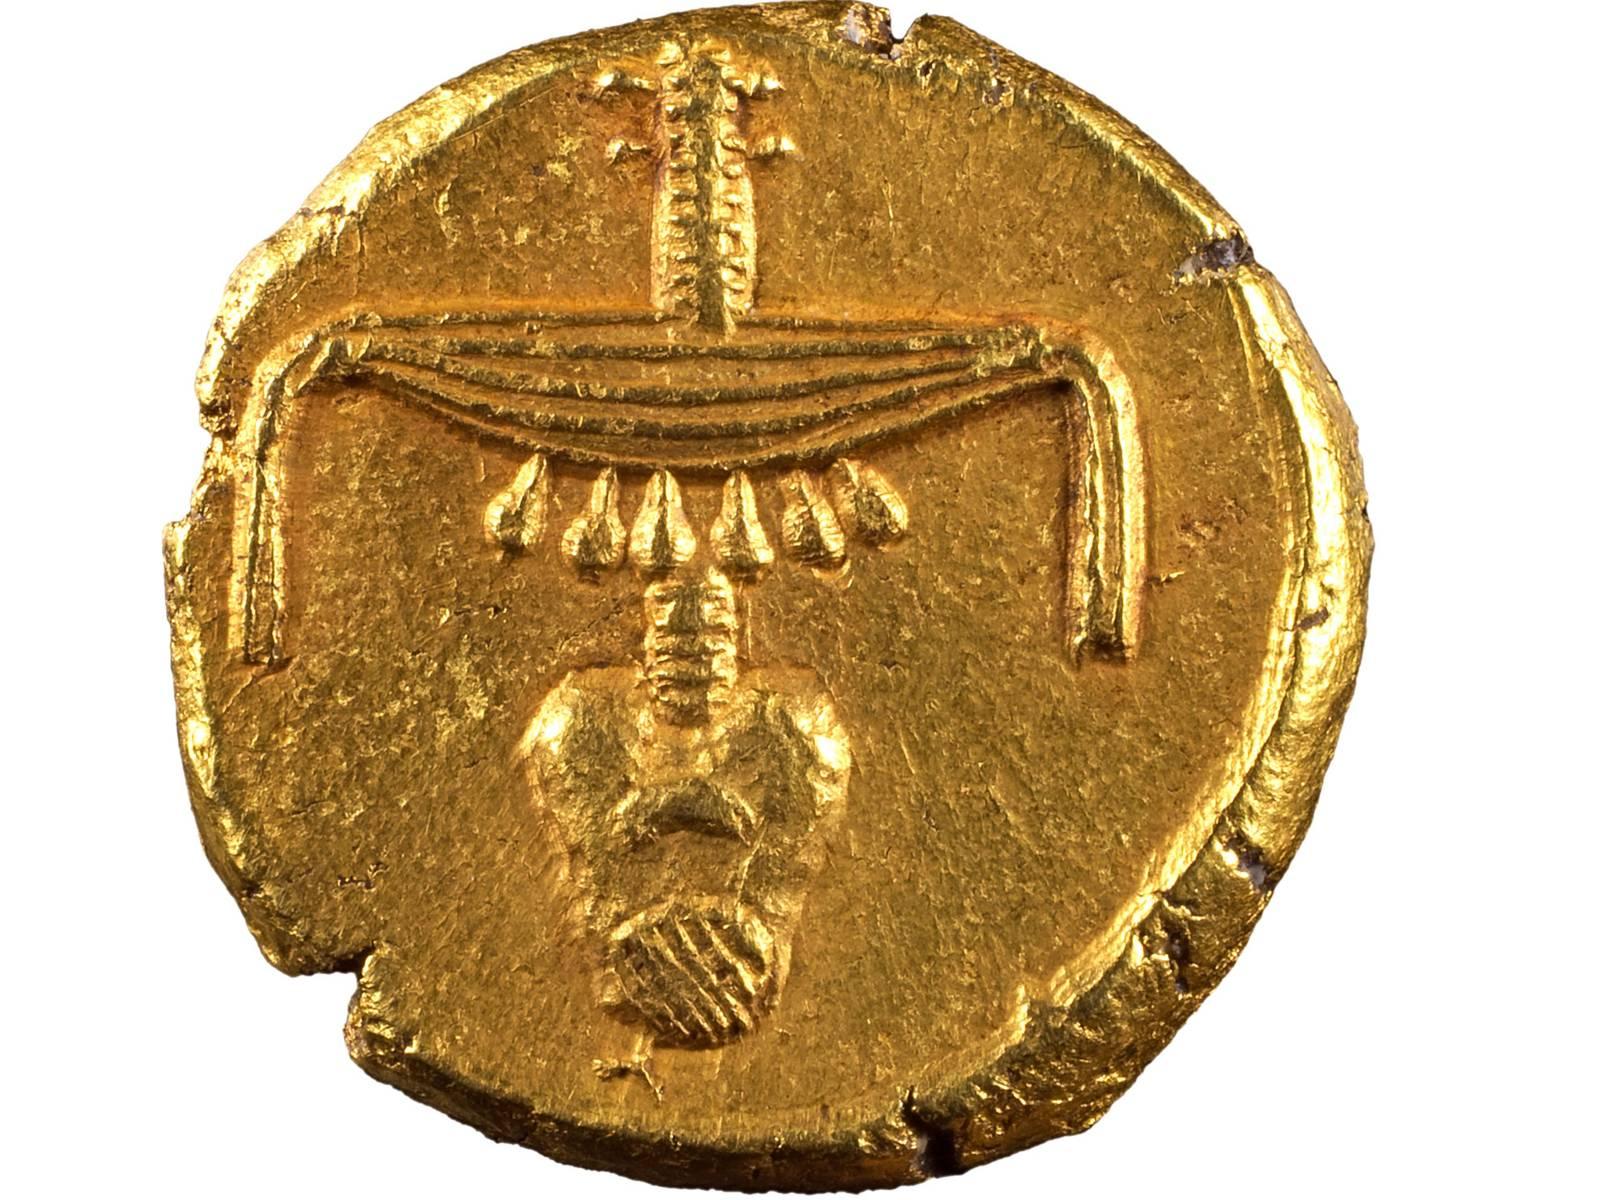 Goldmünze: Stater, Gold, 360-342 v. Chr., Ägypten, 1989